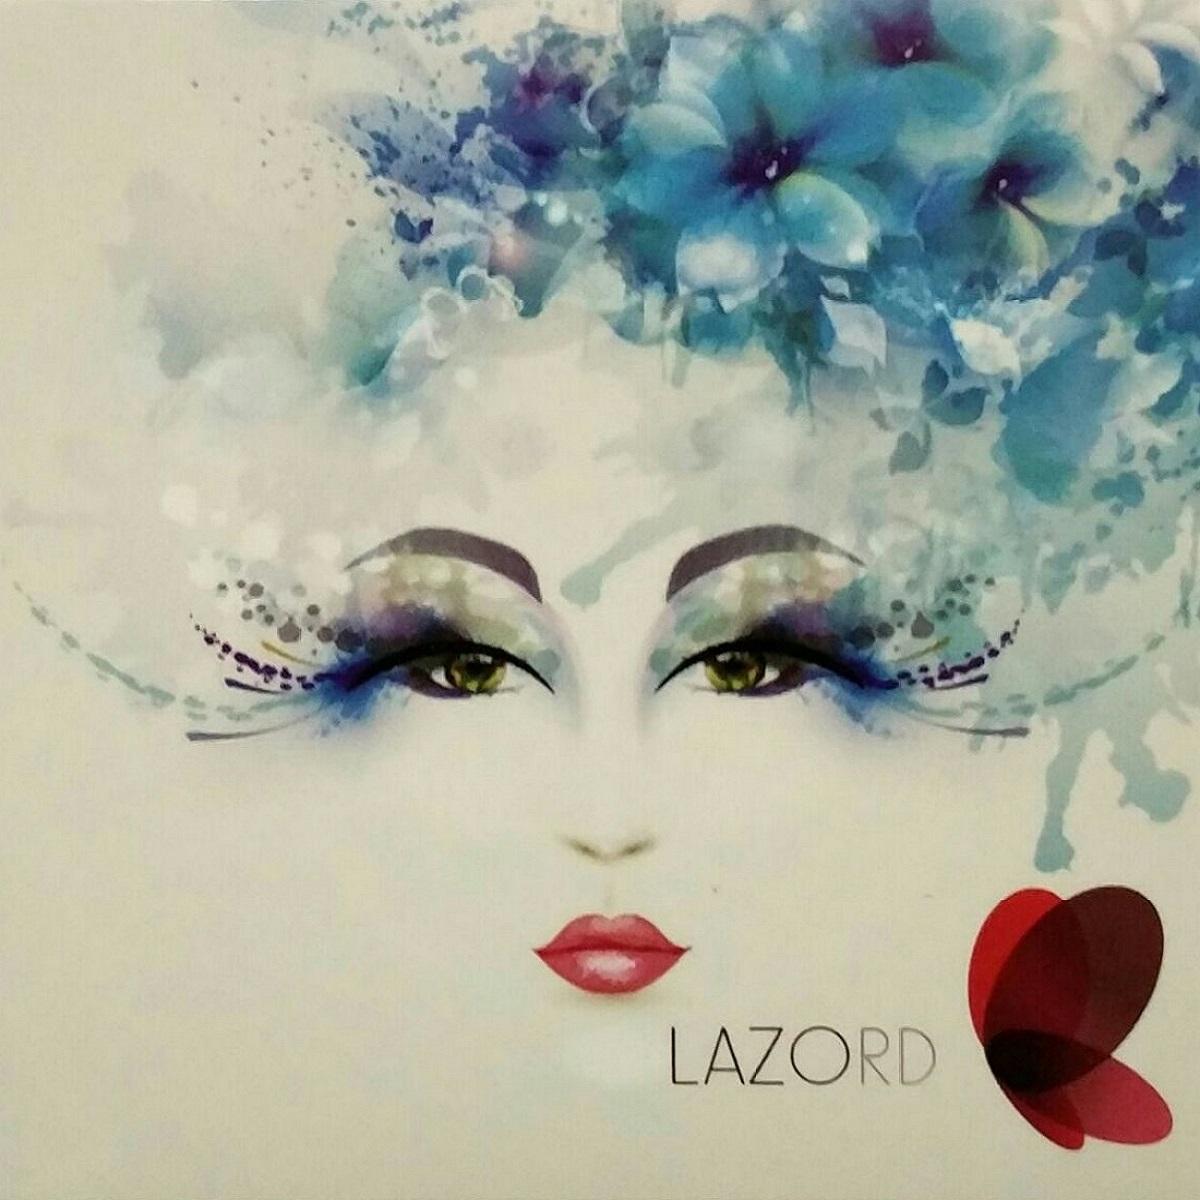 Lazord Contact Lenses